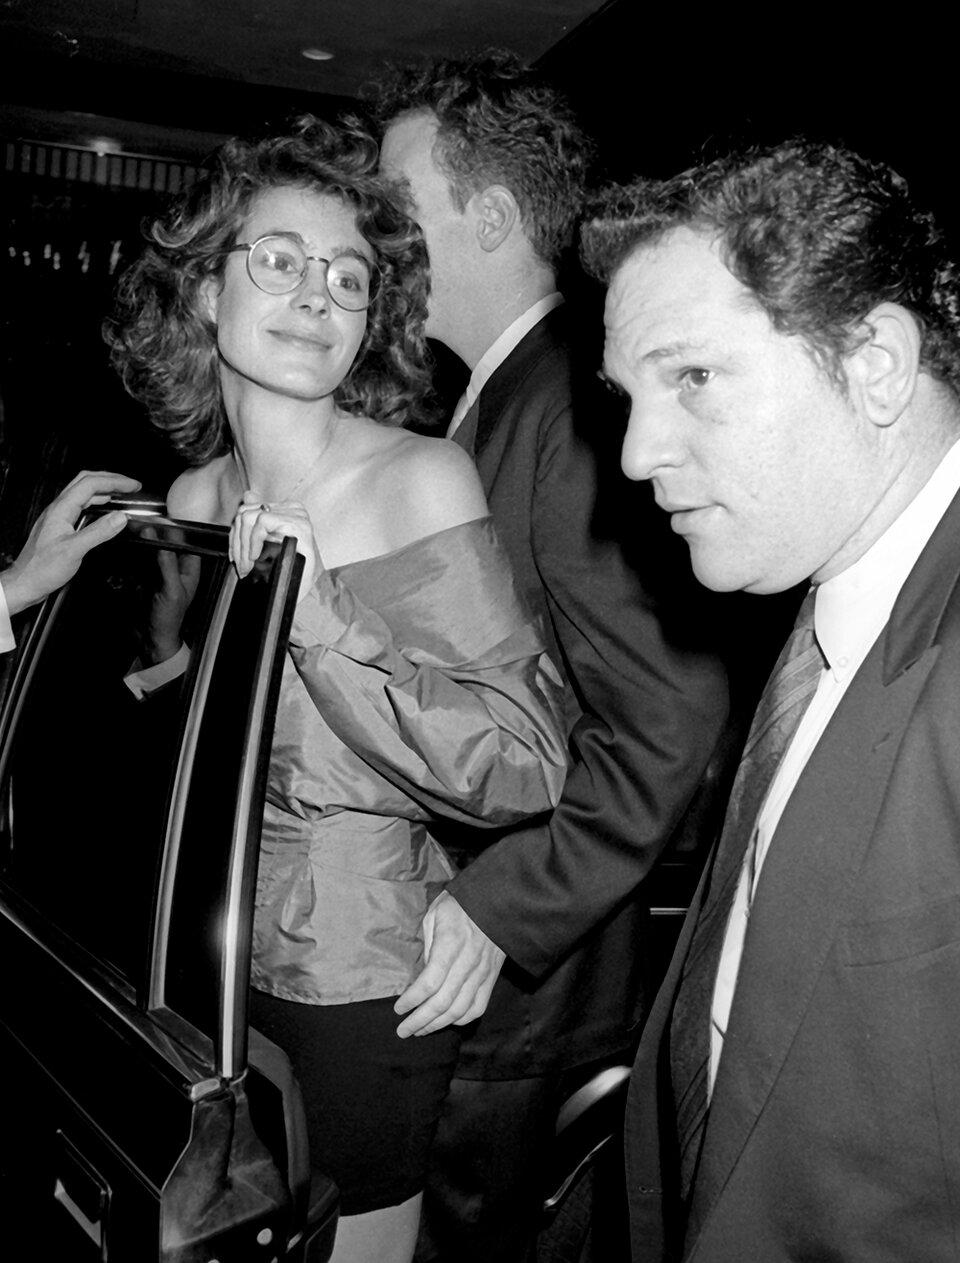 Шон Янг и Харви Вайнштейн на премьере фильма «Секс, ложь и видео» в Нью-Йорке (август 1989)